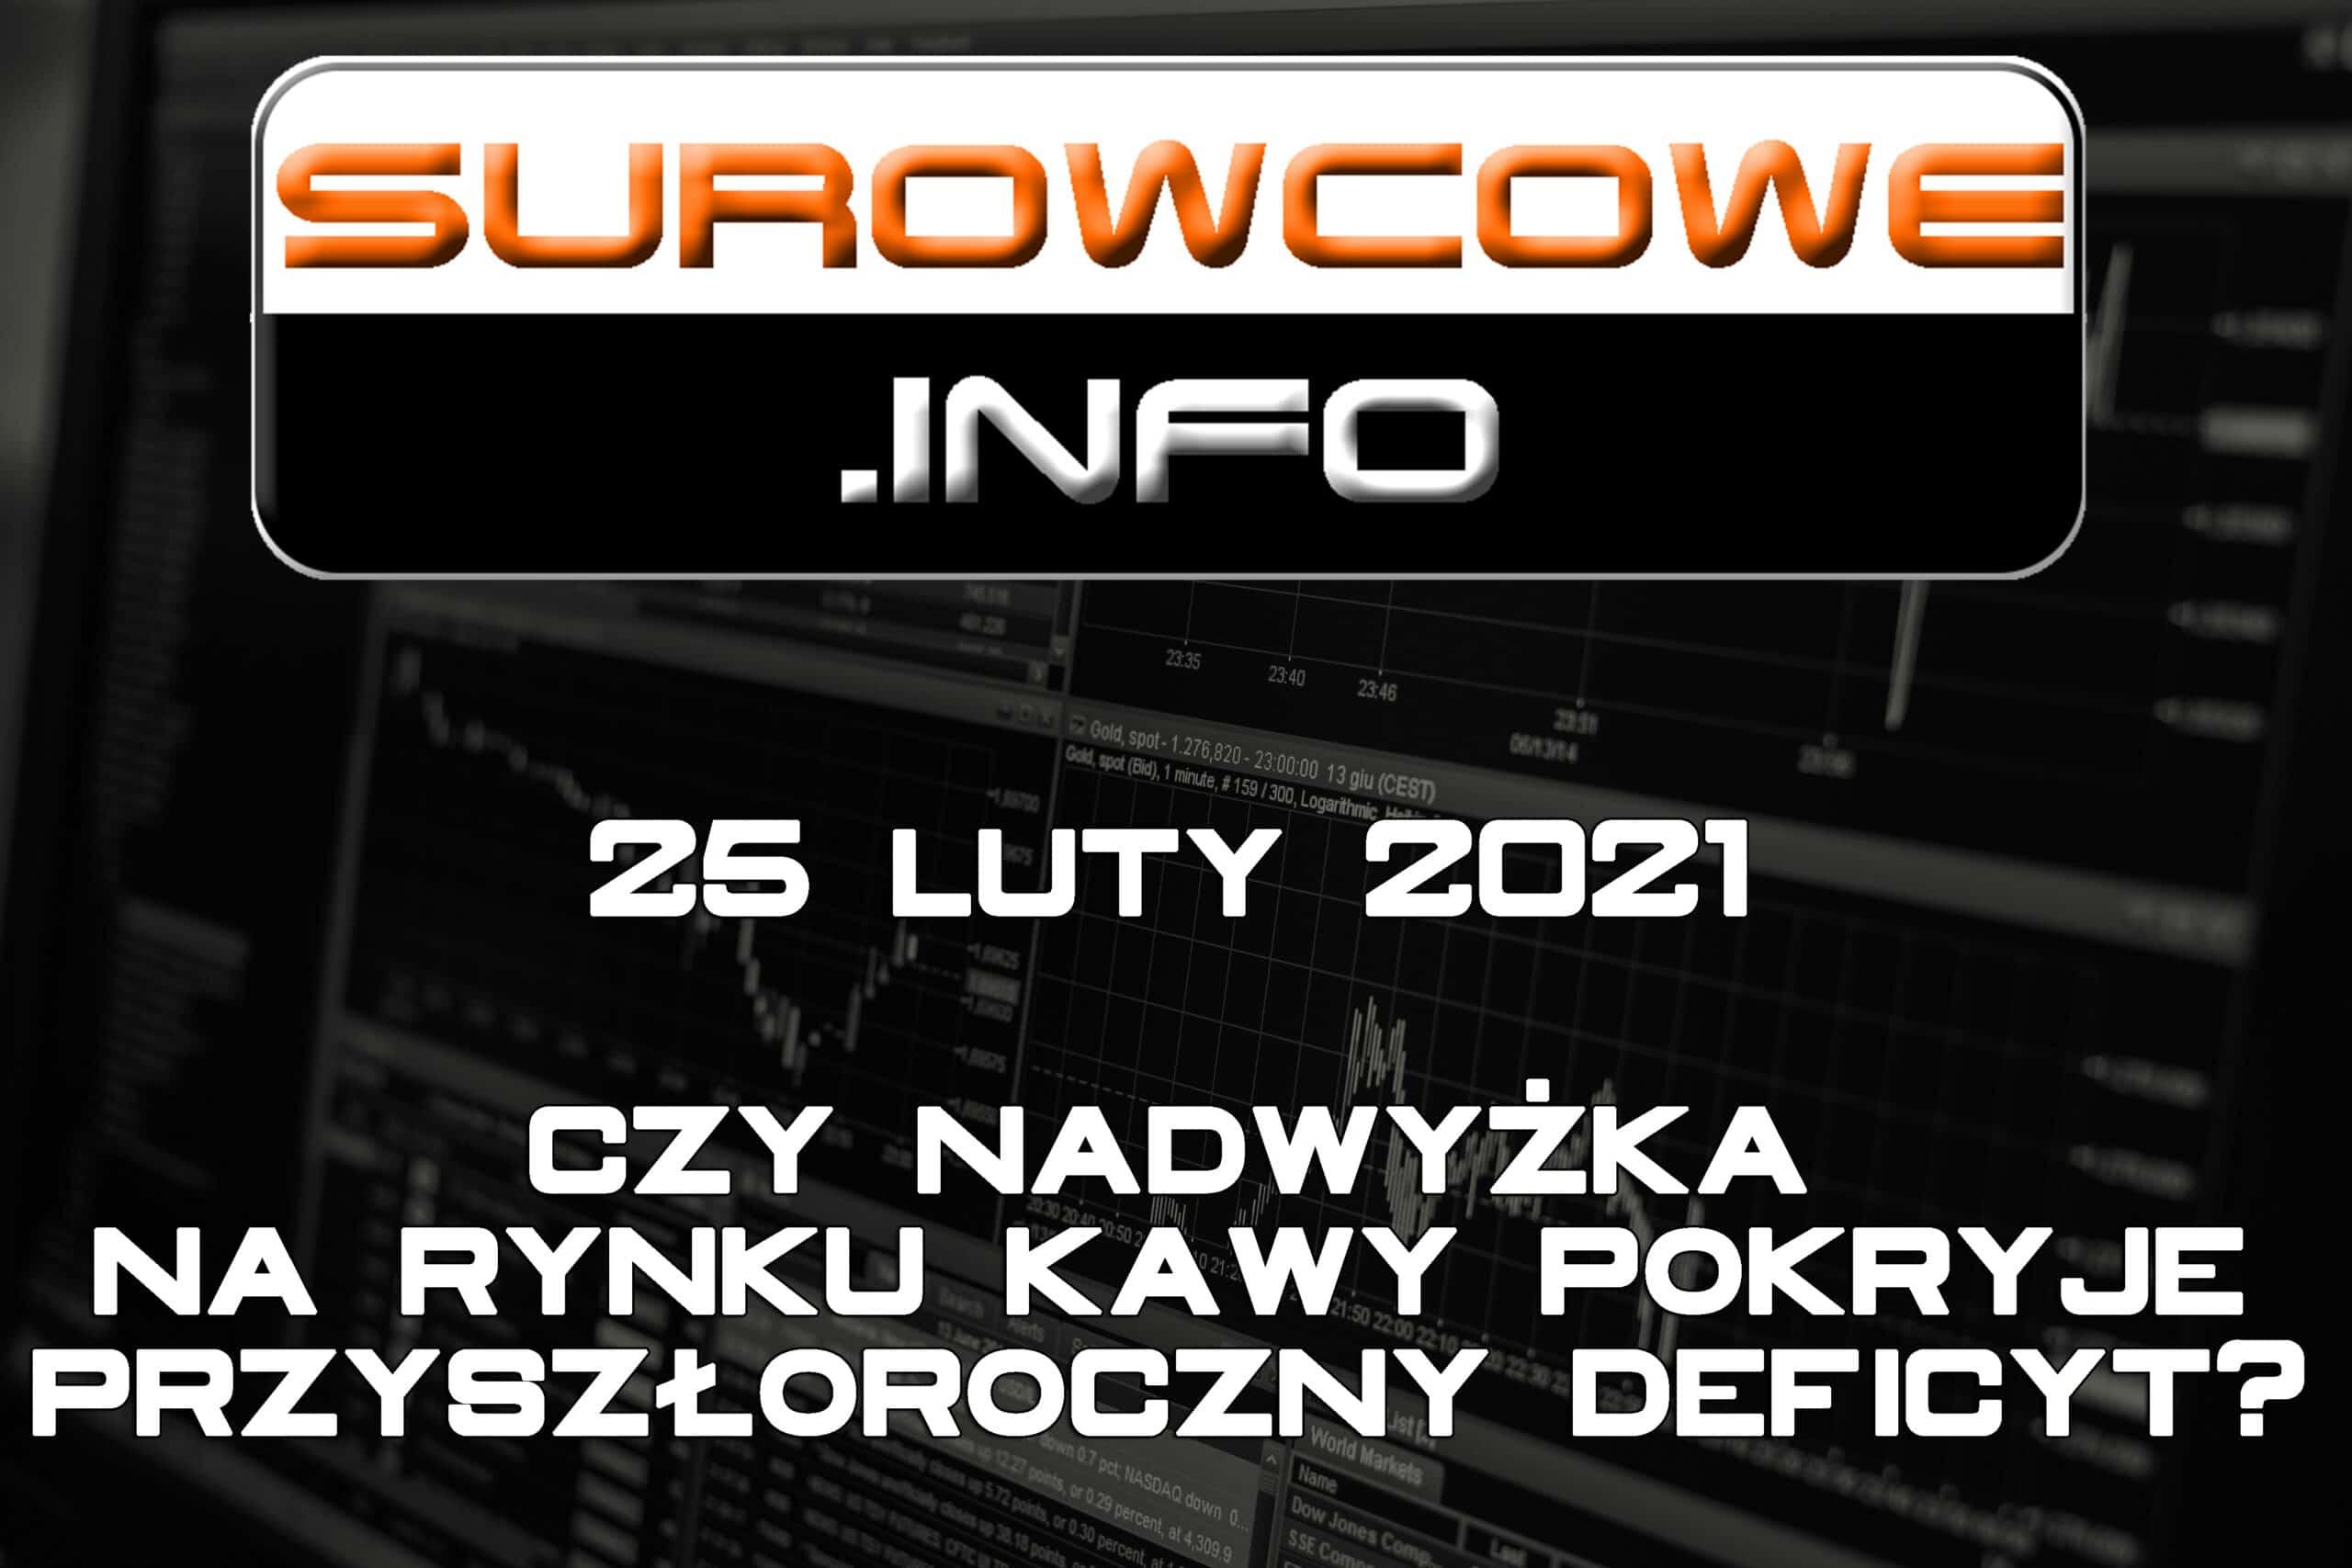 Surowcowe.info 25 luty 2021